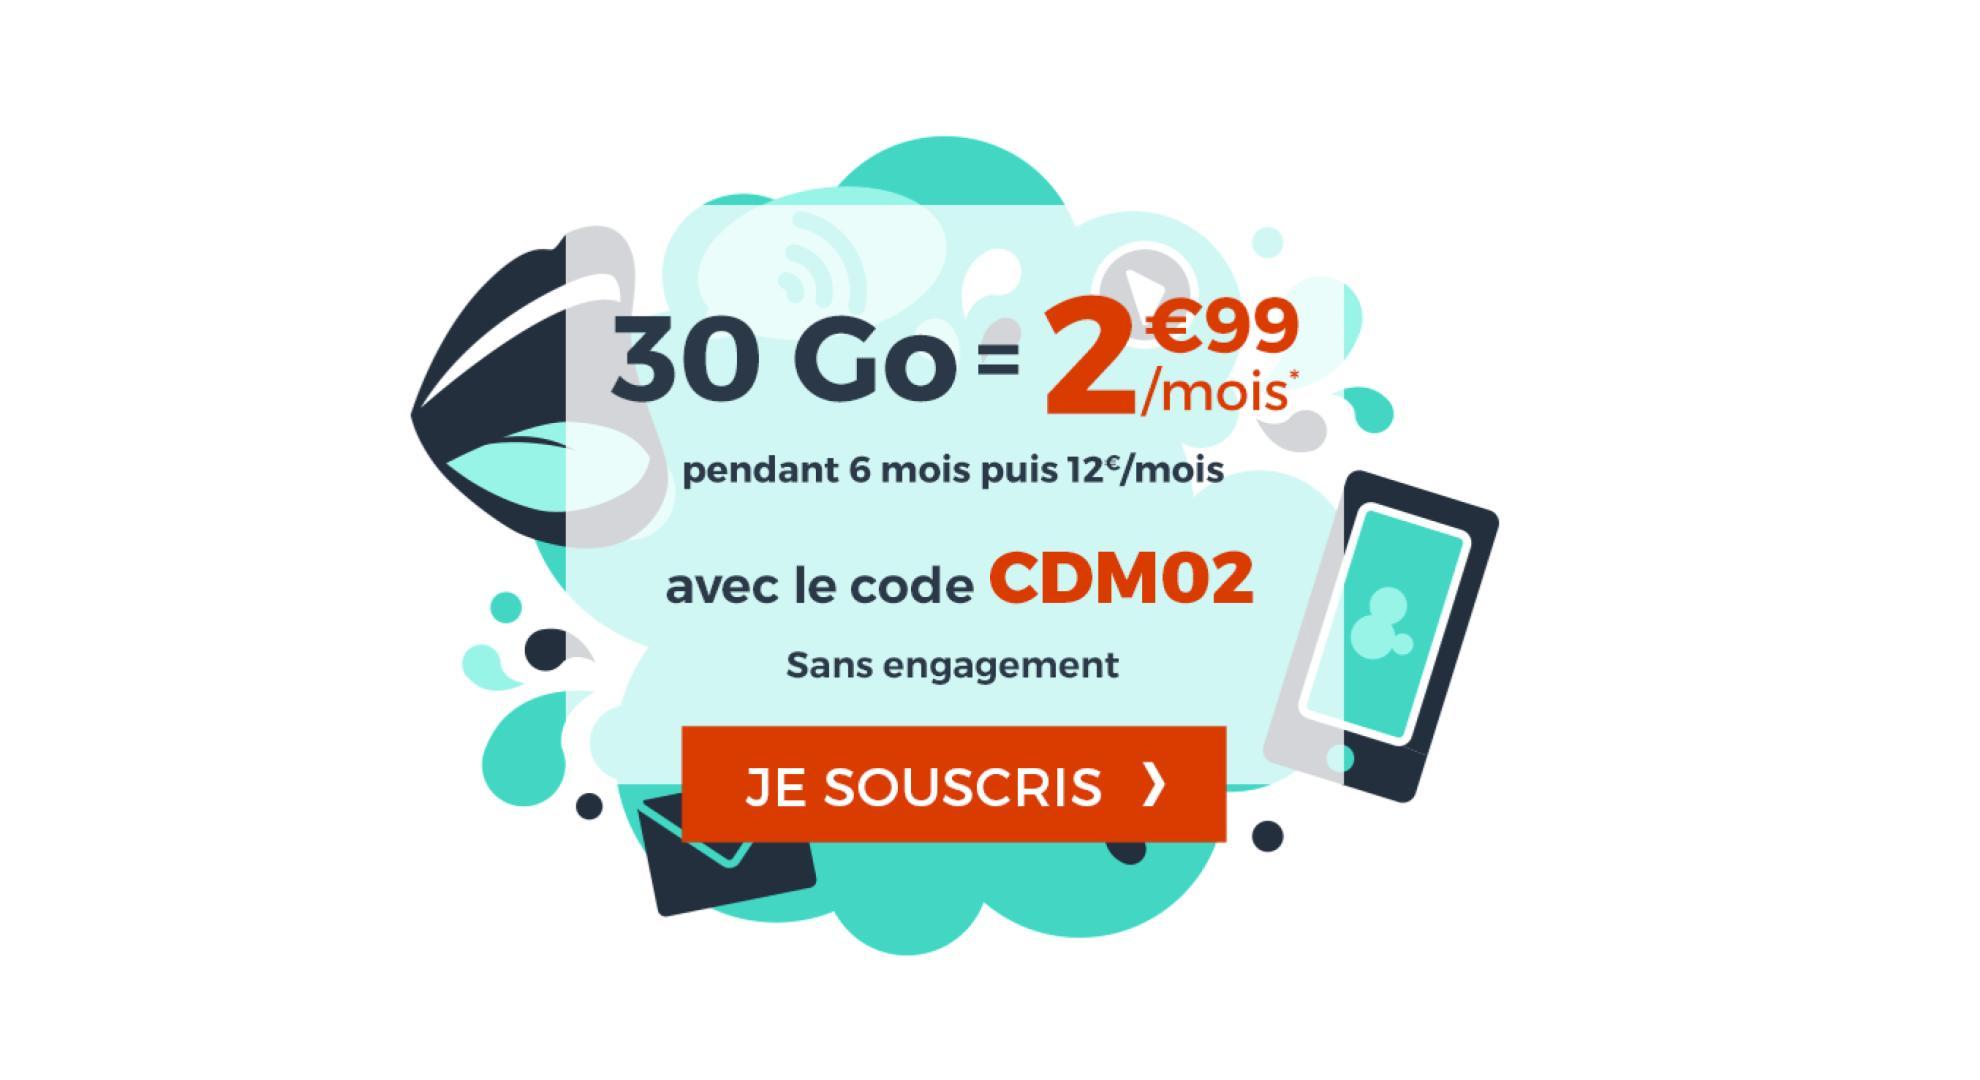 🔥 Bon plan : le forfait mobile Cdiscount 30 Go est à 2,99 euros par mois pendant 6 mois